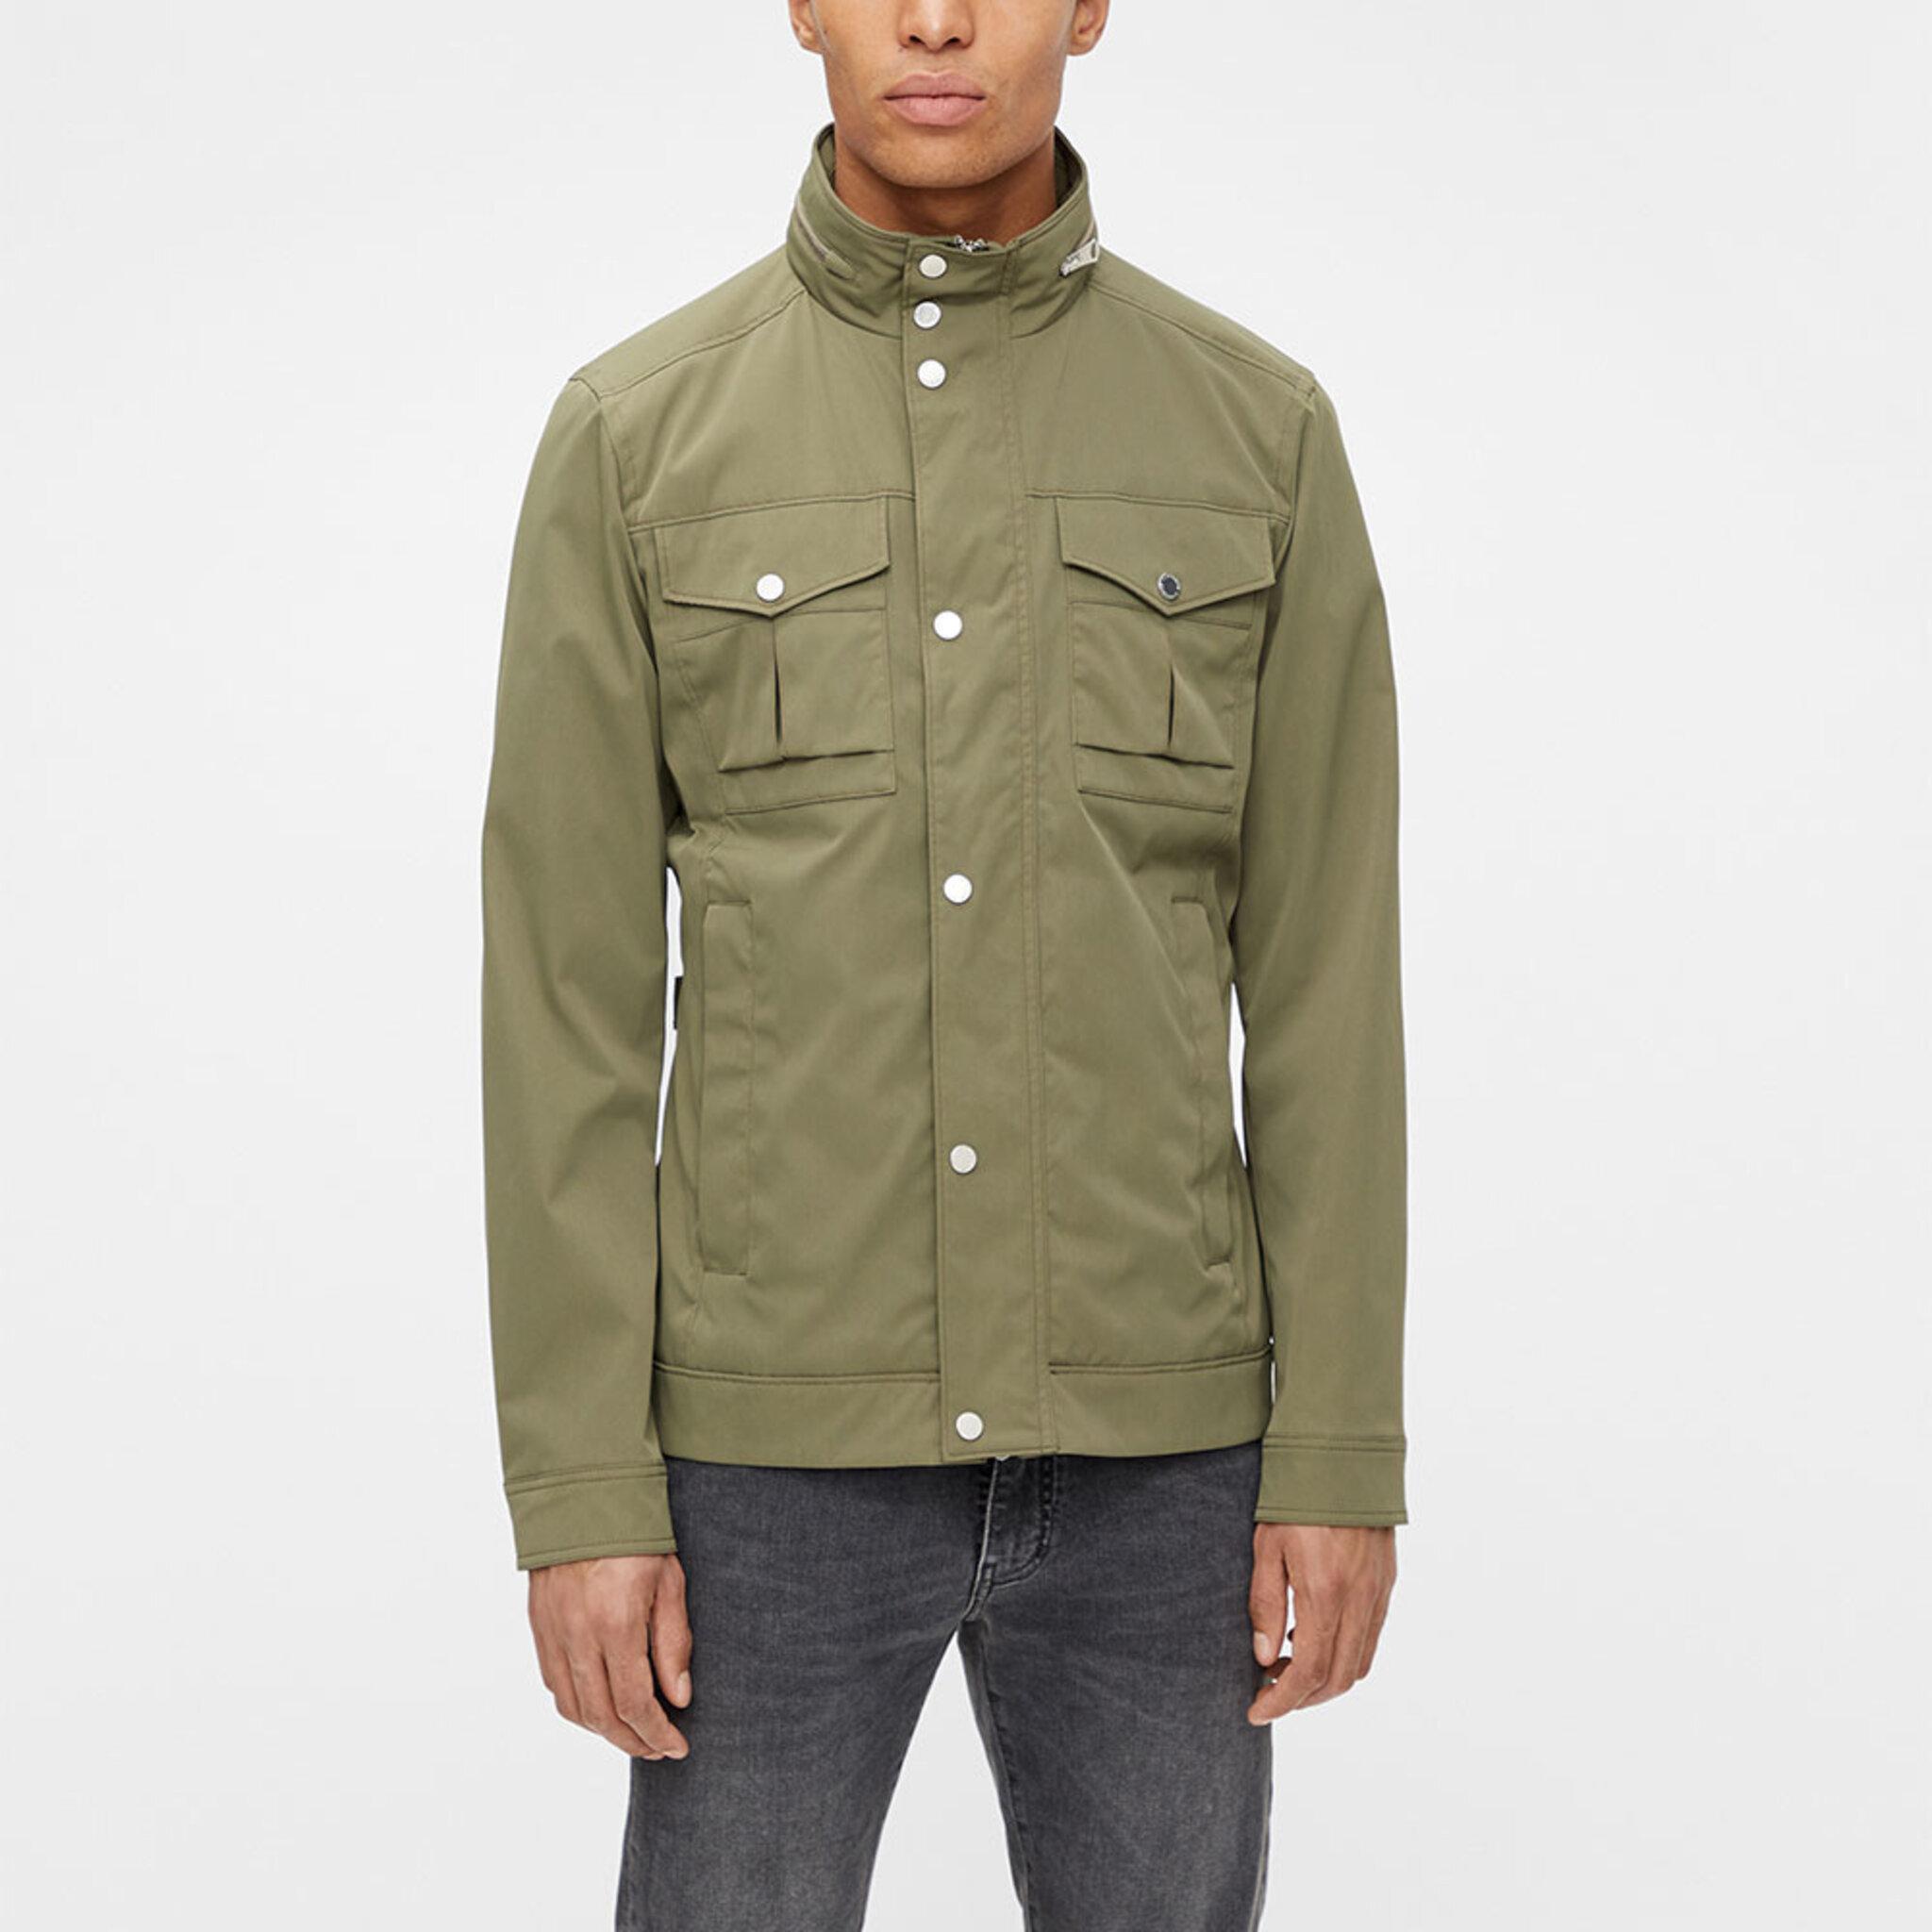 Bailey Poly Stretch jacket